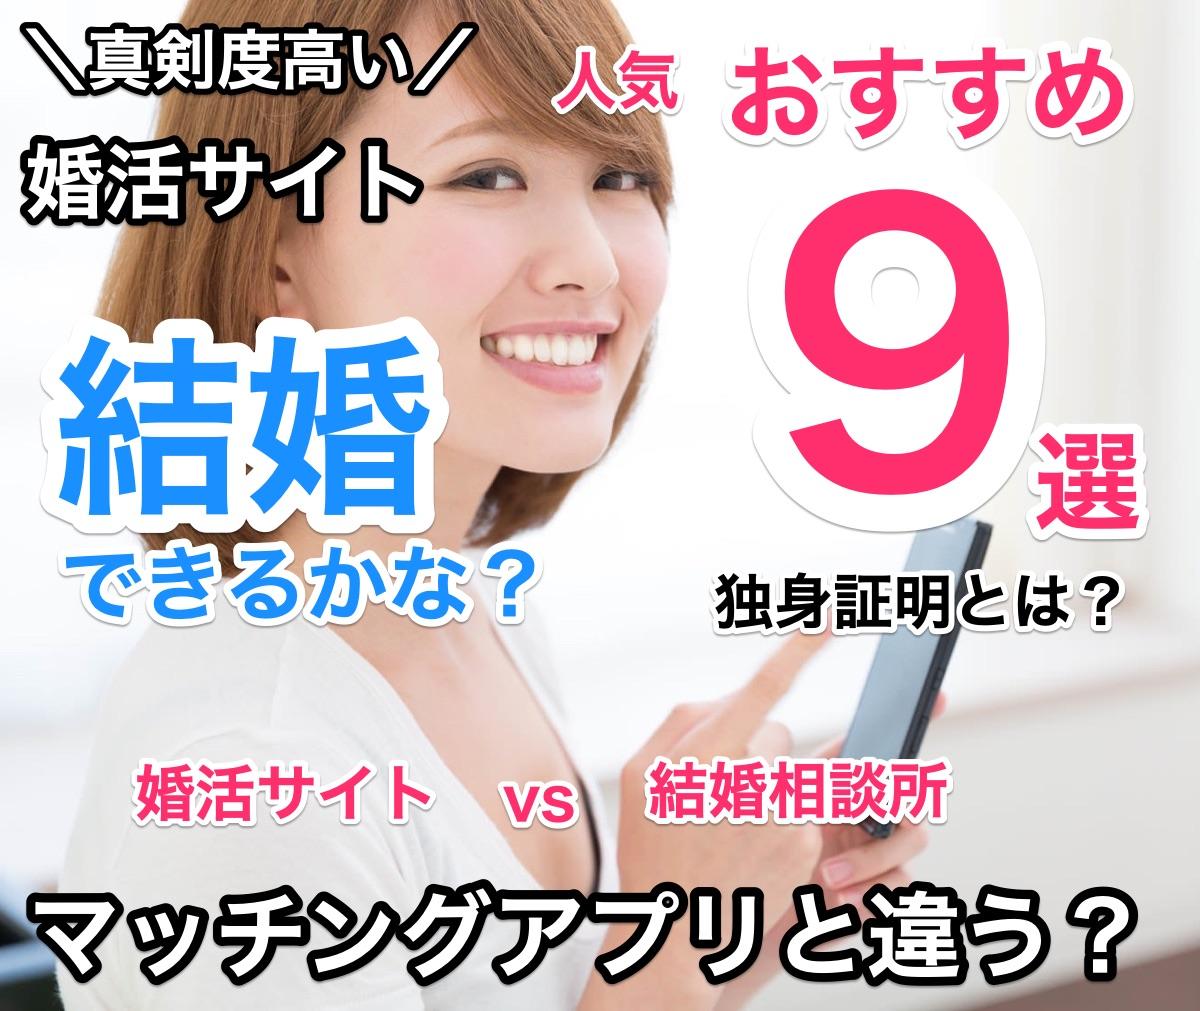 【プロ監修】人気婚活サイト/婚活アプリ比較おすすめ9選!結婚できる真剣なサイト徹底解説